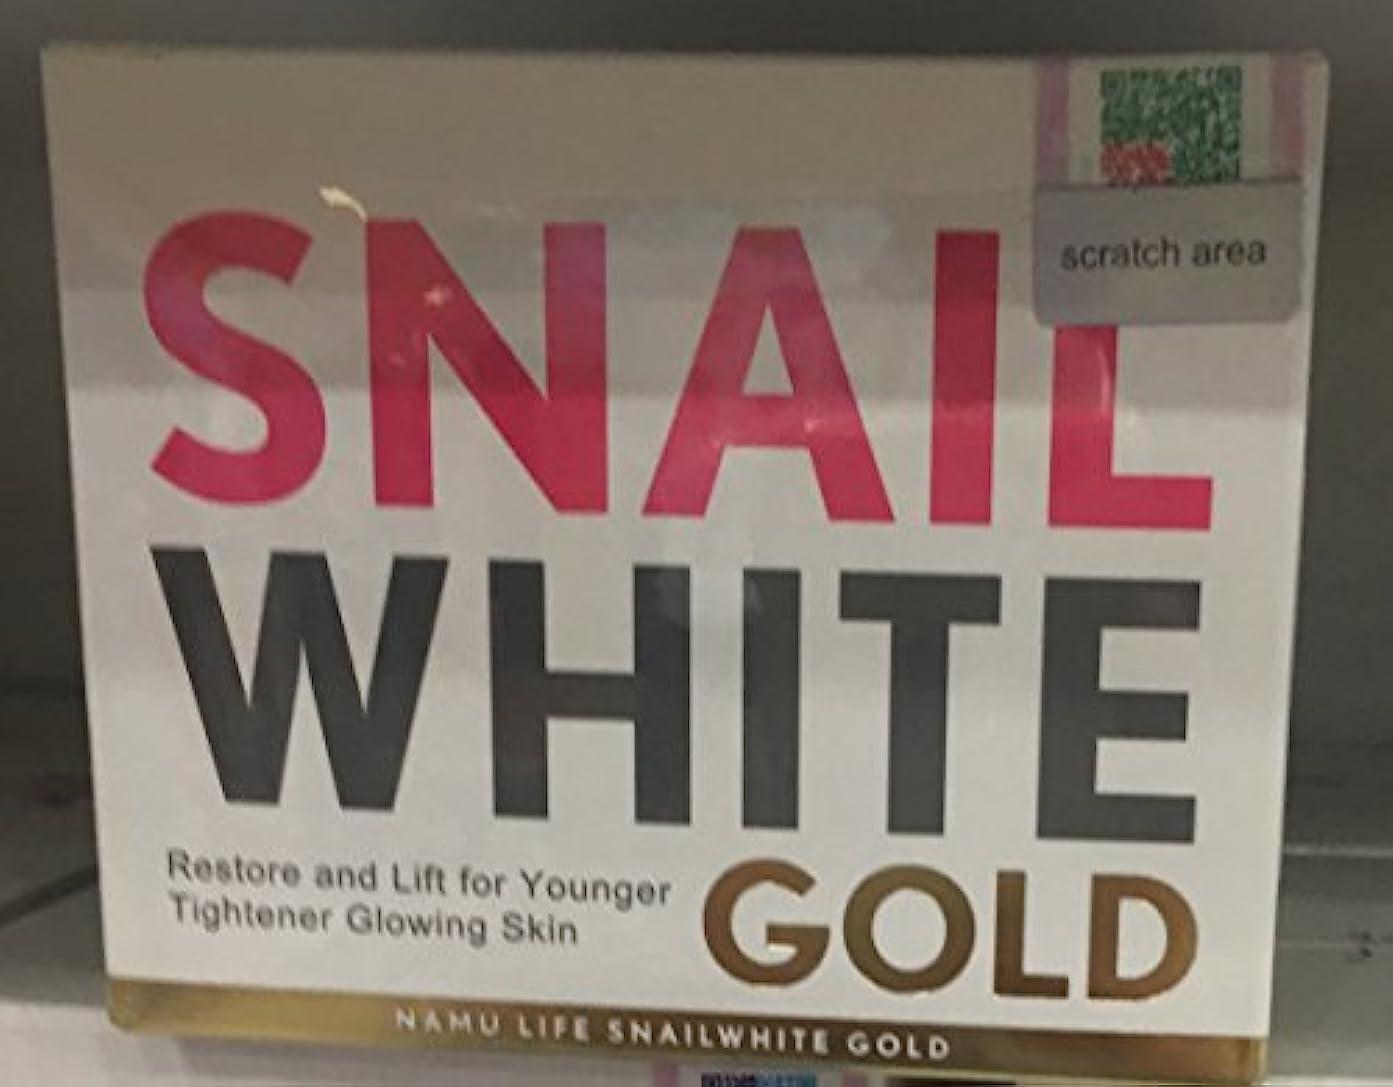 劇場なだめるレタスナムライフスパイニングゴールド50 ml ホワイトニング NAMU LIFE SNAILWHITE GOLD 50 ml